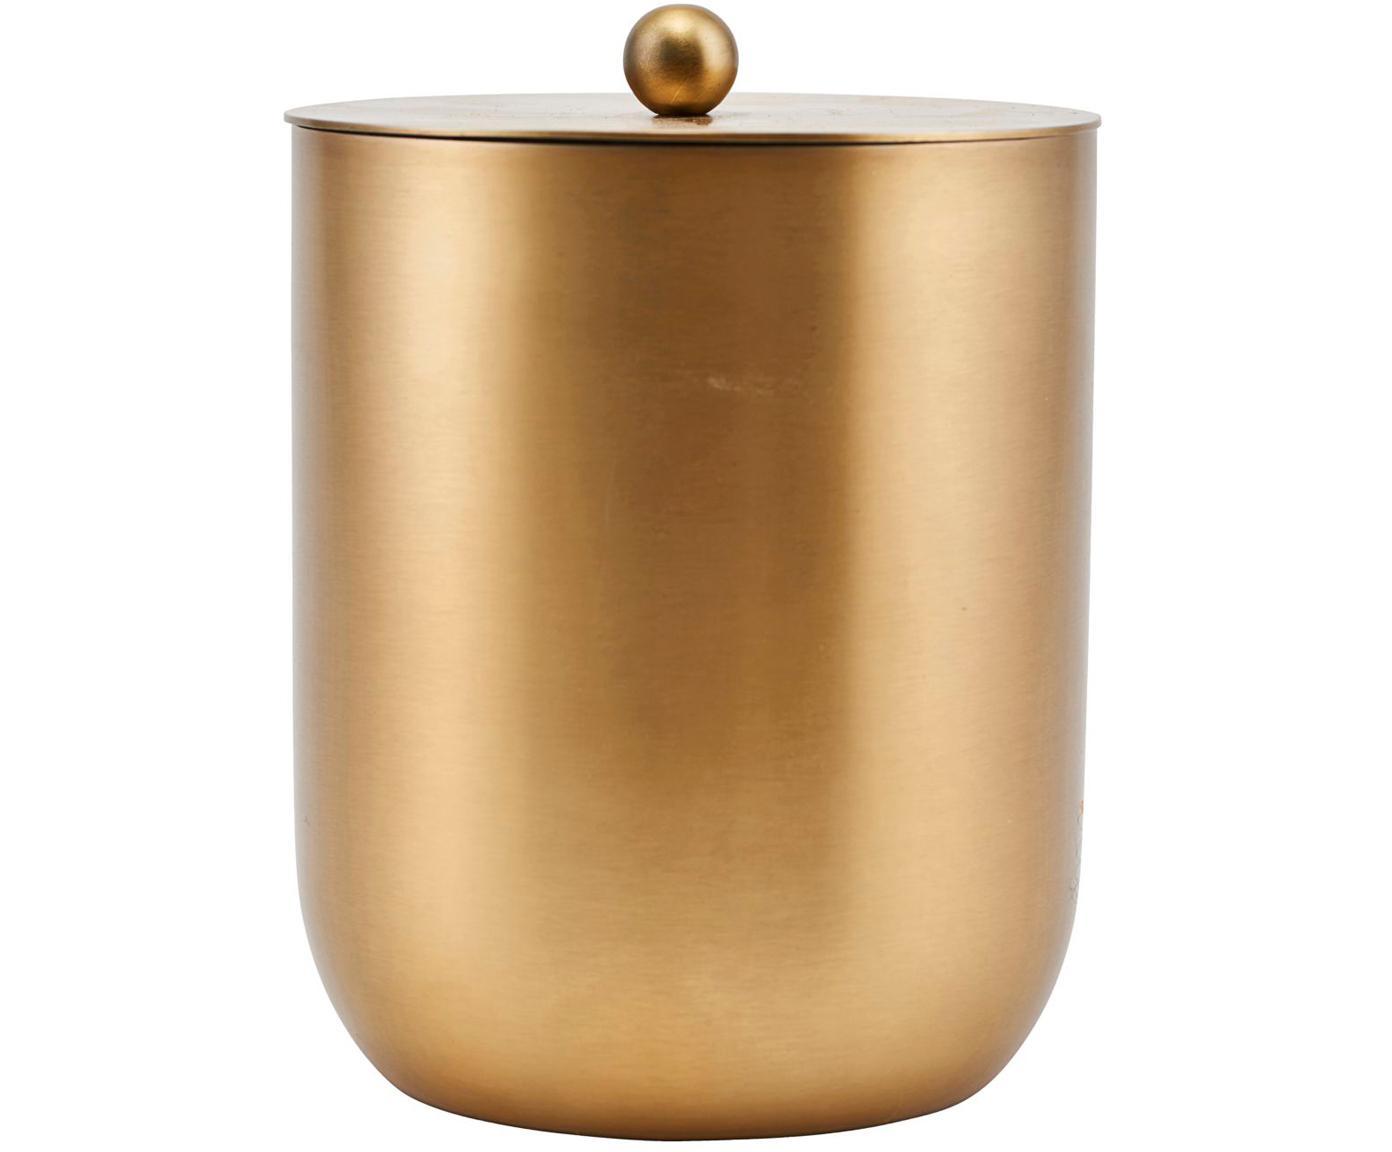 Eiseimer Alir in Gold, Edelstahl, Messing, Messingfarben, Ø 12 x 15 cm